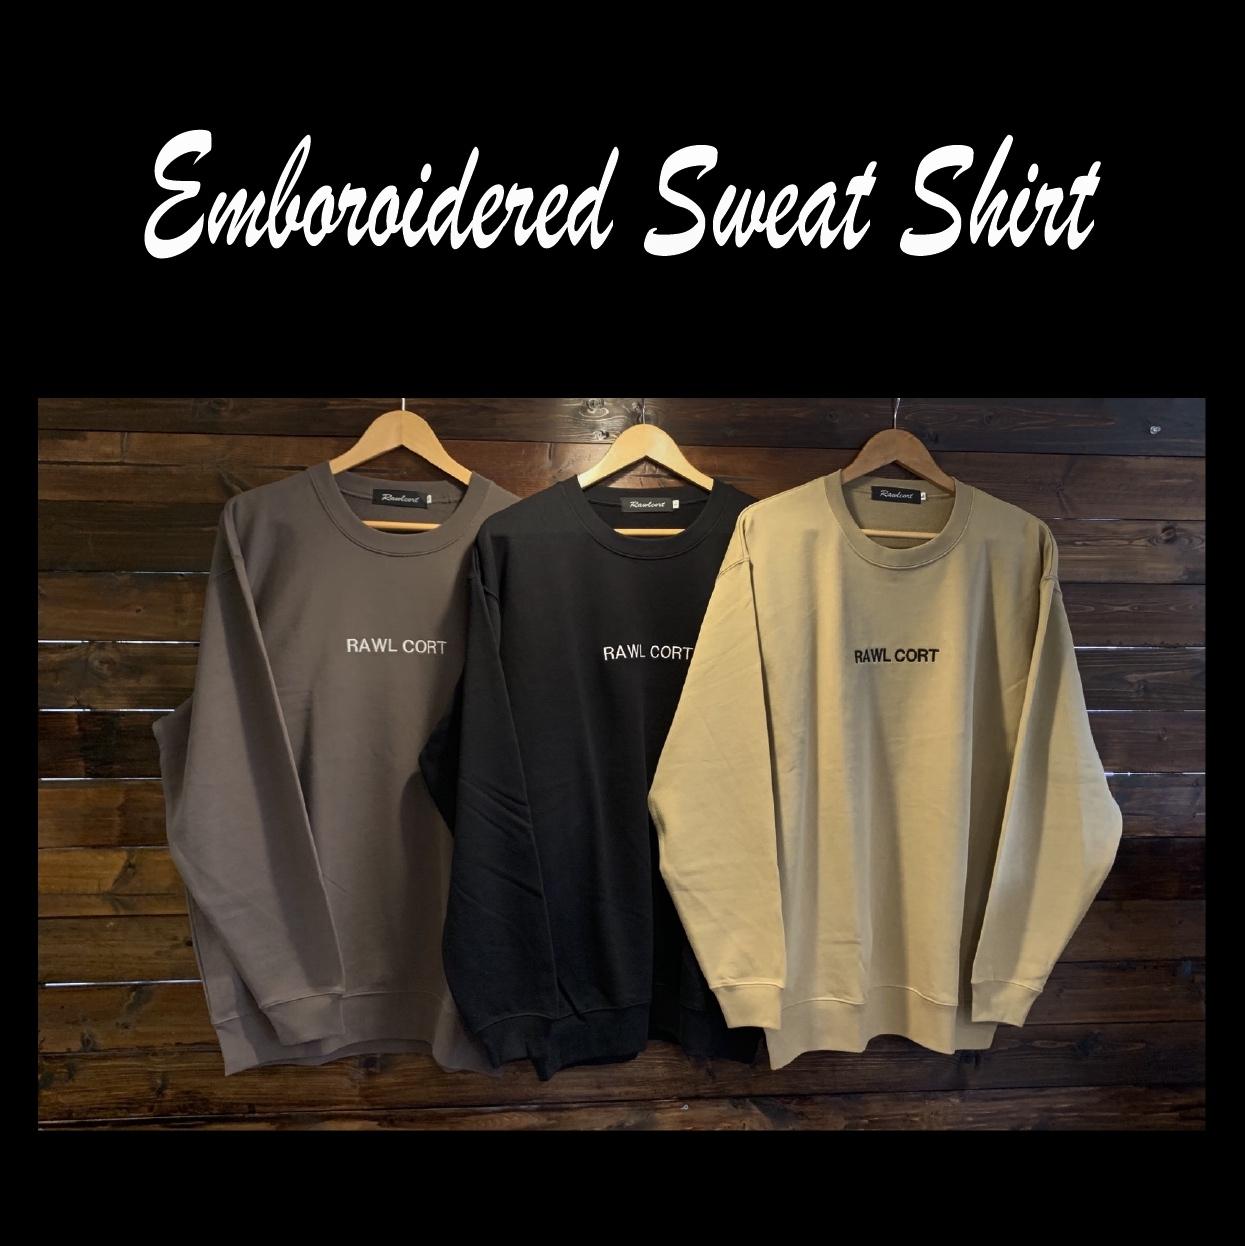 Emboroiderd Sweat Shirt